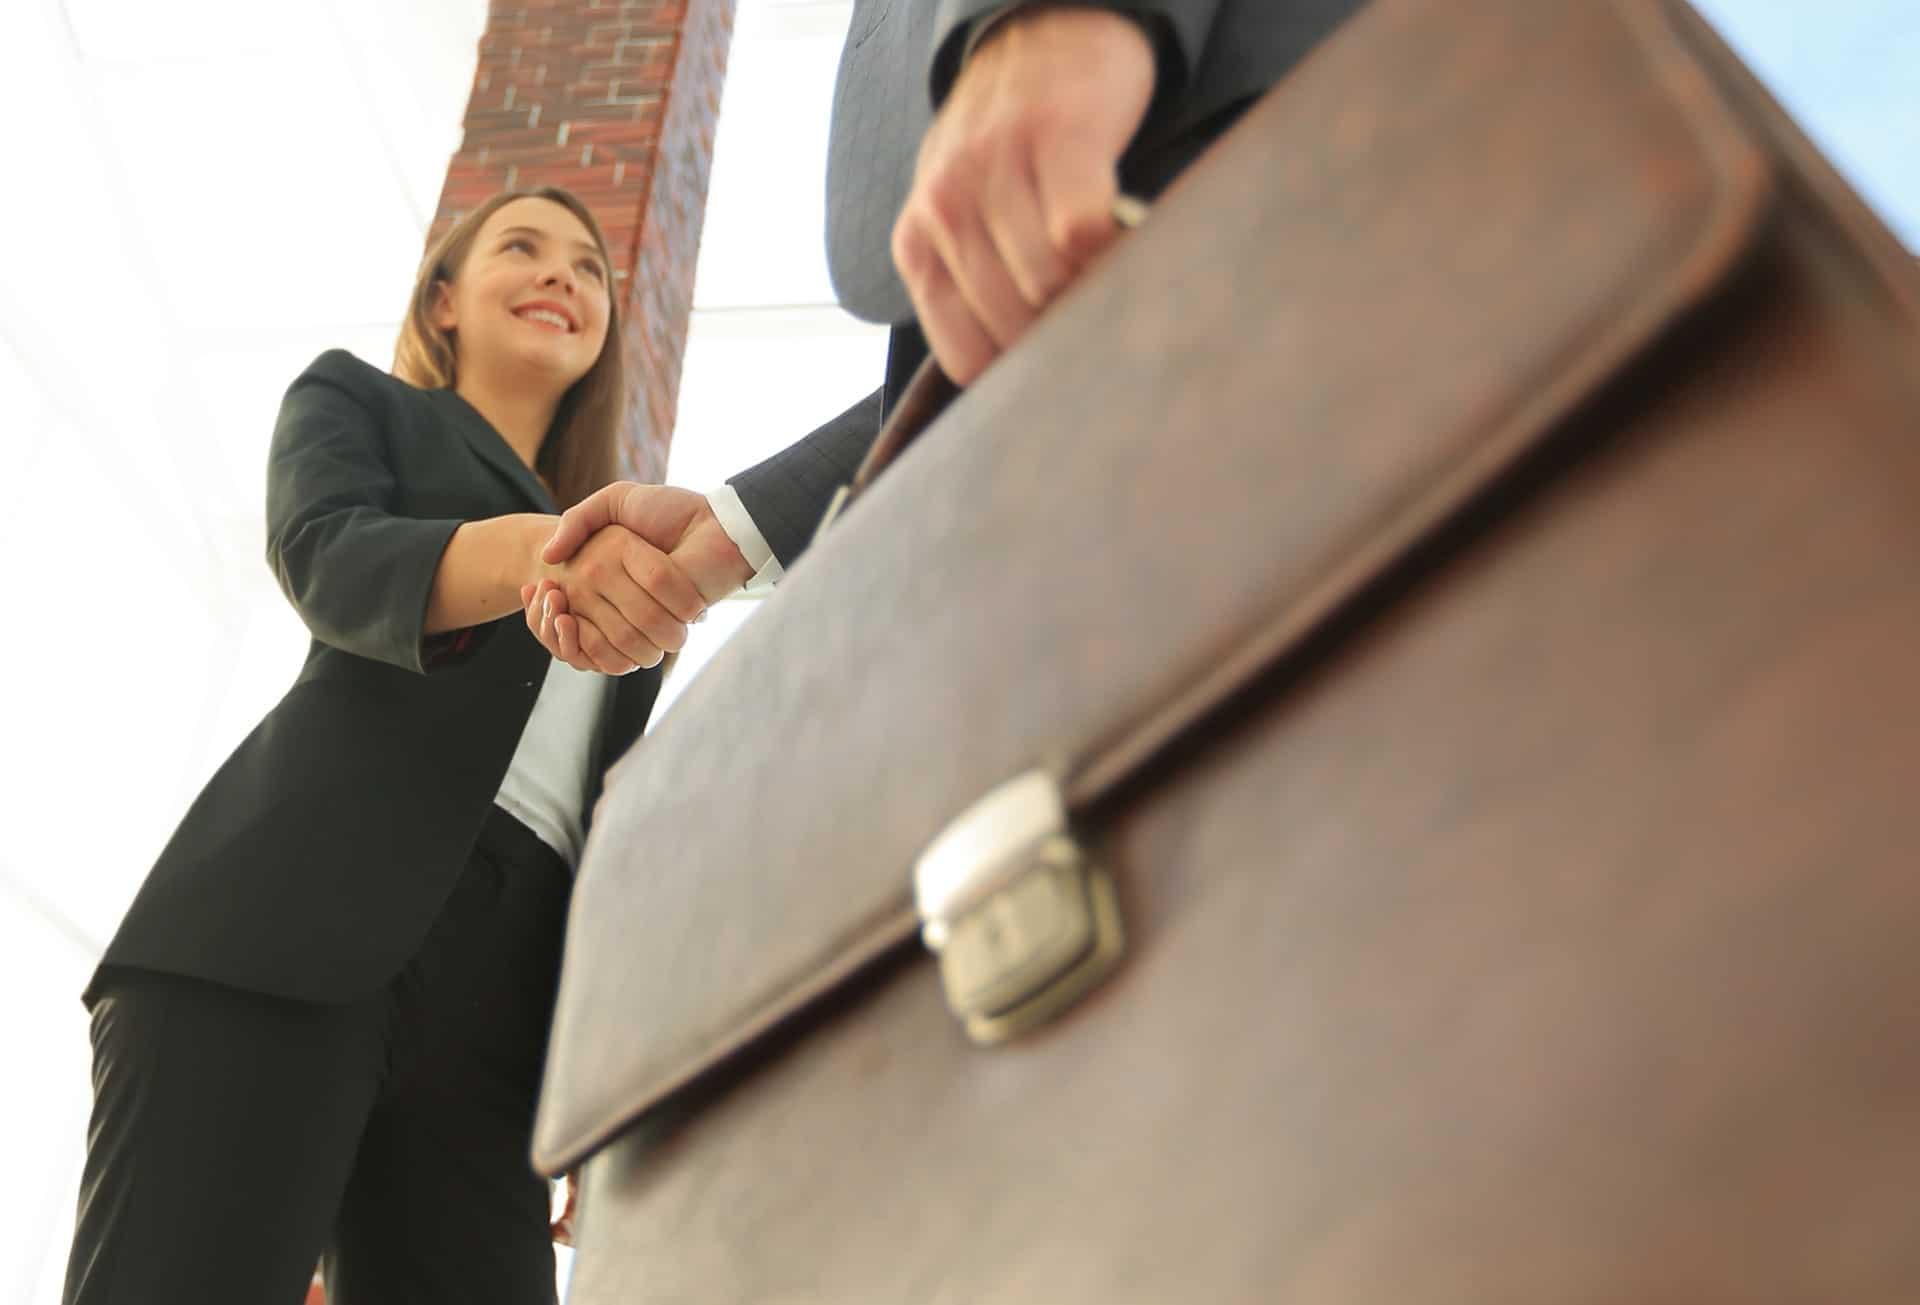 איך לבקש העלאה/ קידום או להערך לראיון עבודה חשוב? 6 טיפים קצרים אבל סופר חשובים